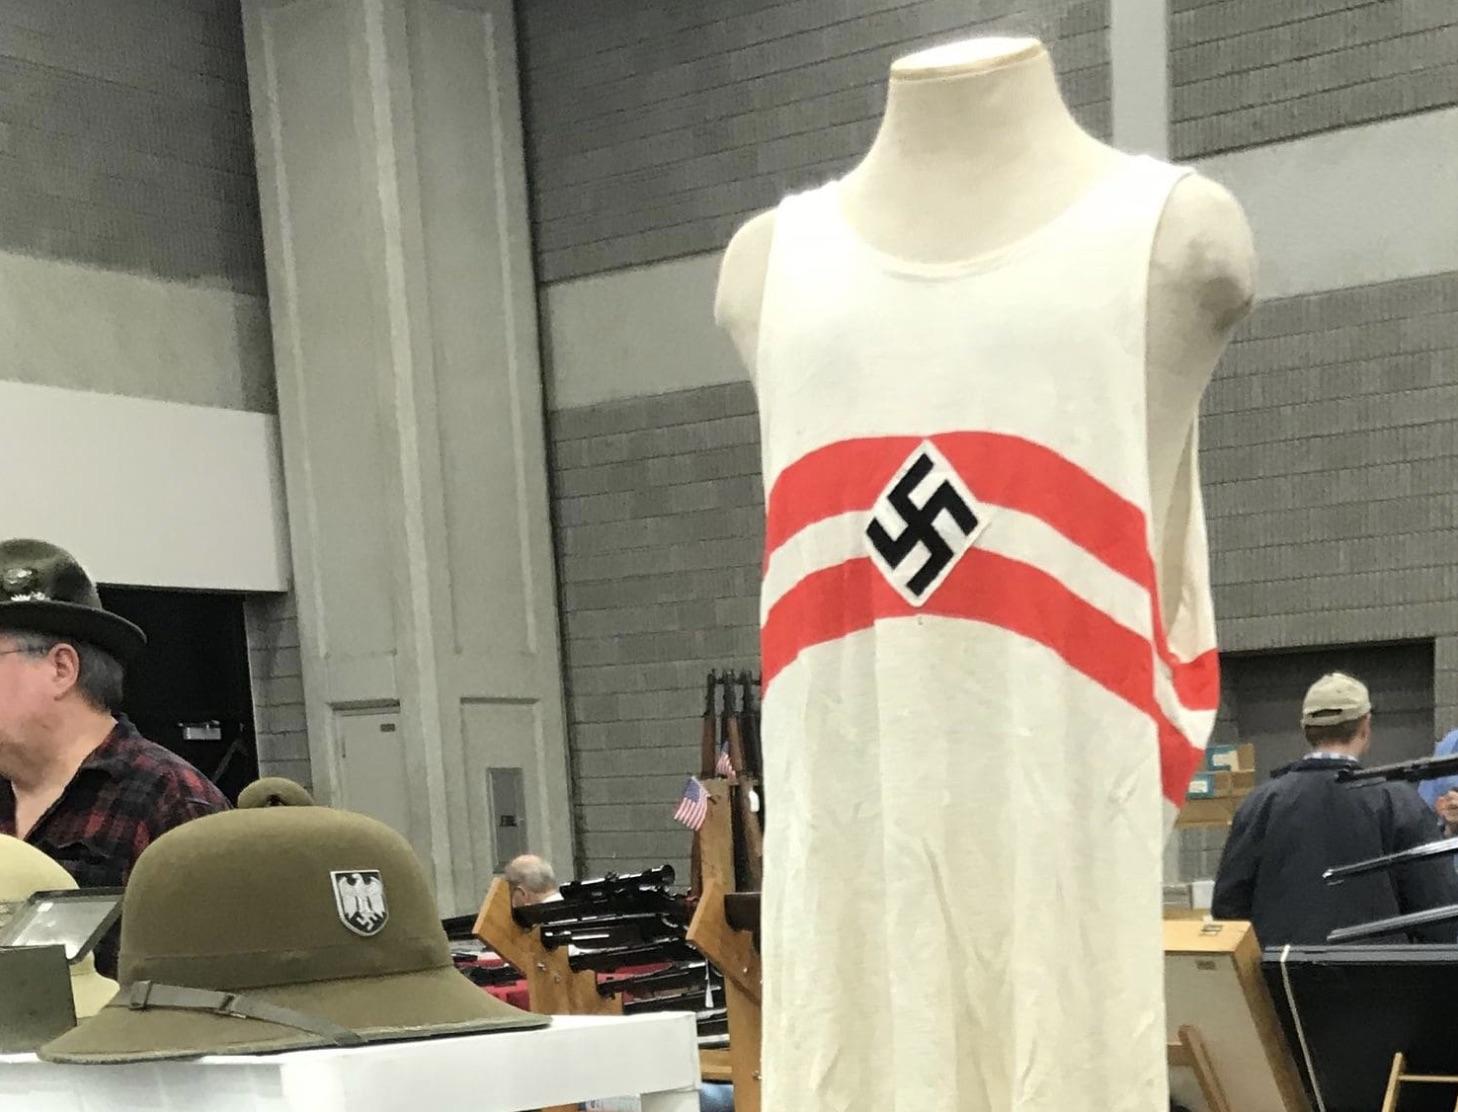 Artículos de ideología nazi y del Ku Klux Klan fueron vendidos en la feria de armas del Centro de Exposiciones de Kentucky (Joe Gerth/Louisville Courier-Journal)